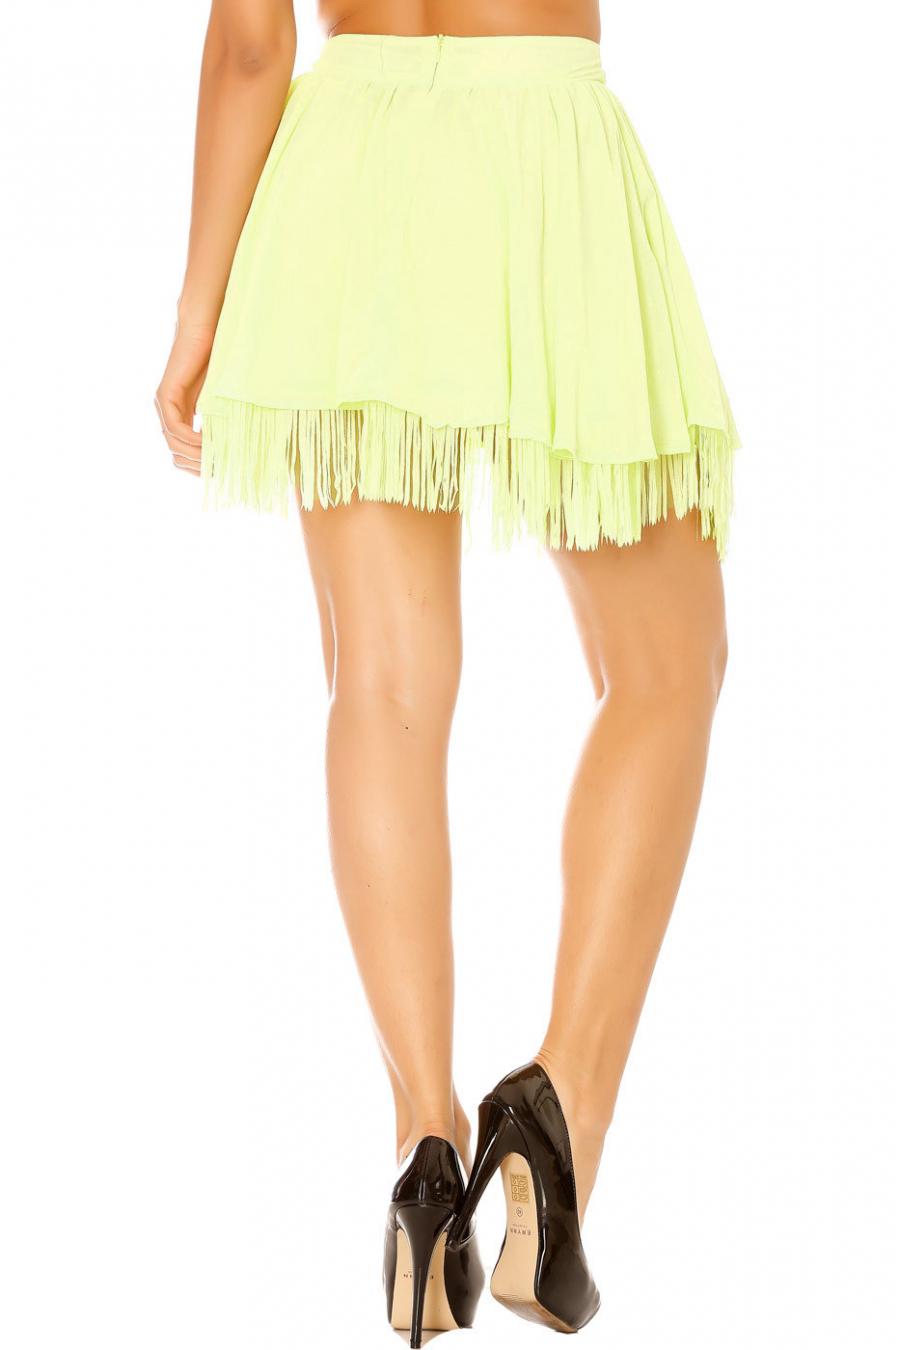 Groene wijd uitlopende rok met franjes. Vrouw 7792